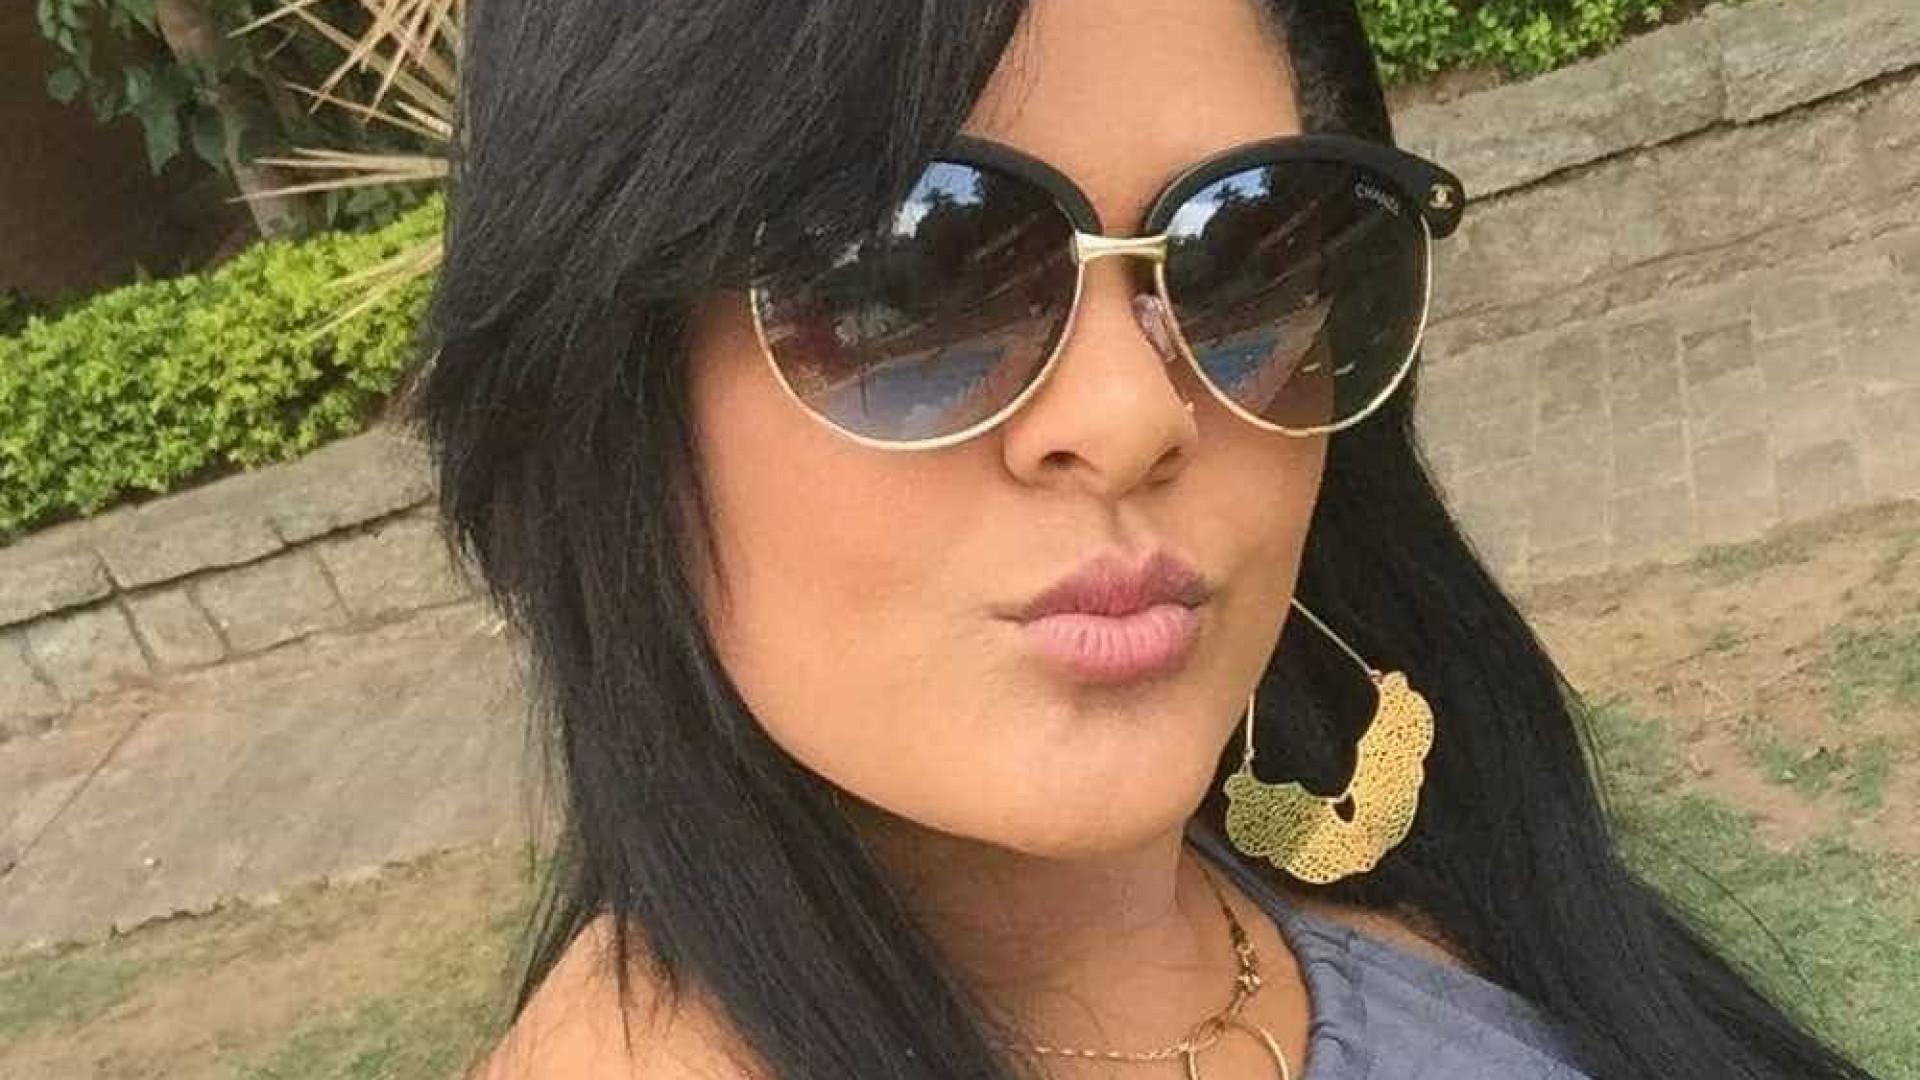 Brasileira enviou vídeo à amiga antes de morrer com drogas no estômago